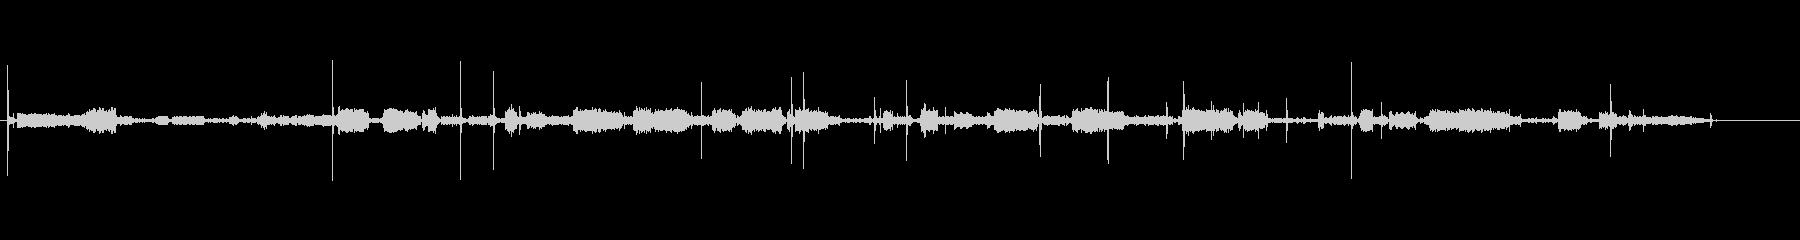 ビデオゲーム-レーザー音の未再生の波形